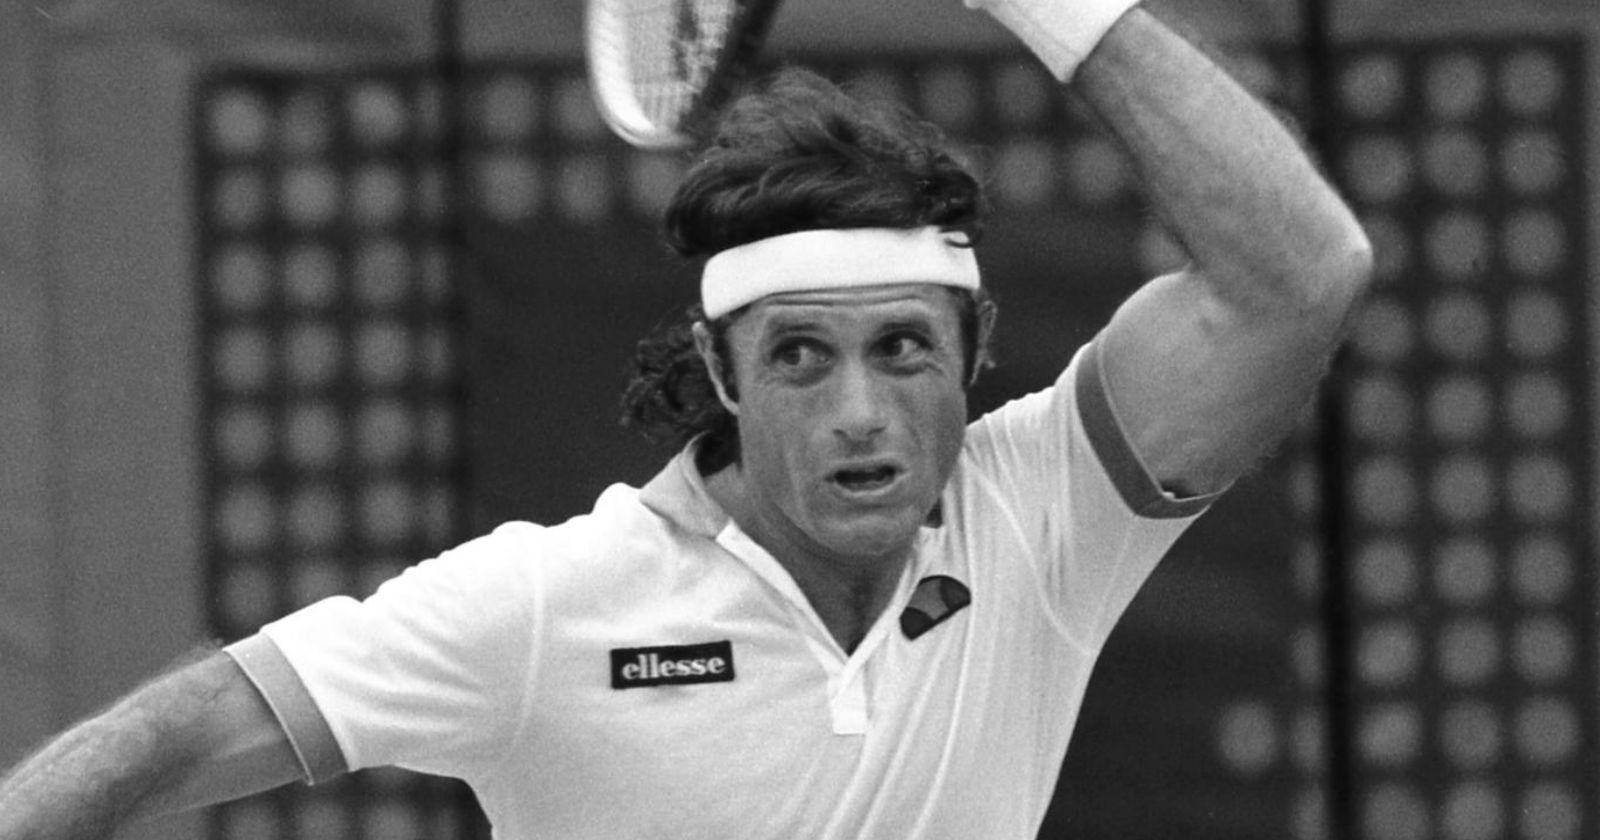 El documental de Netflix que retrata la lucha del tenista argentino Guillermo Vilas